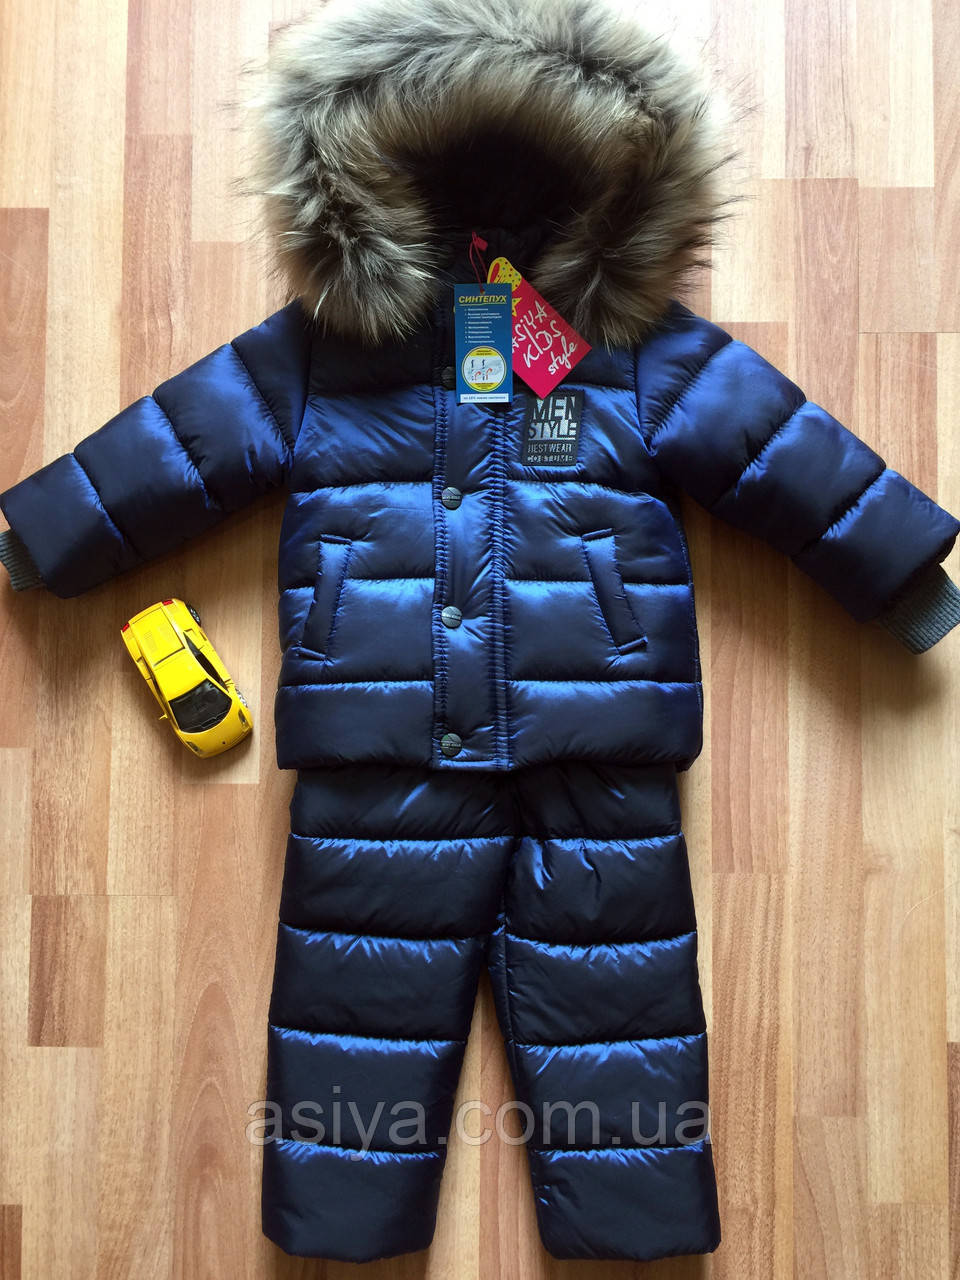 Теплая зимняя куртка и полукомбинезон для мальчика от производителя Asiya